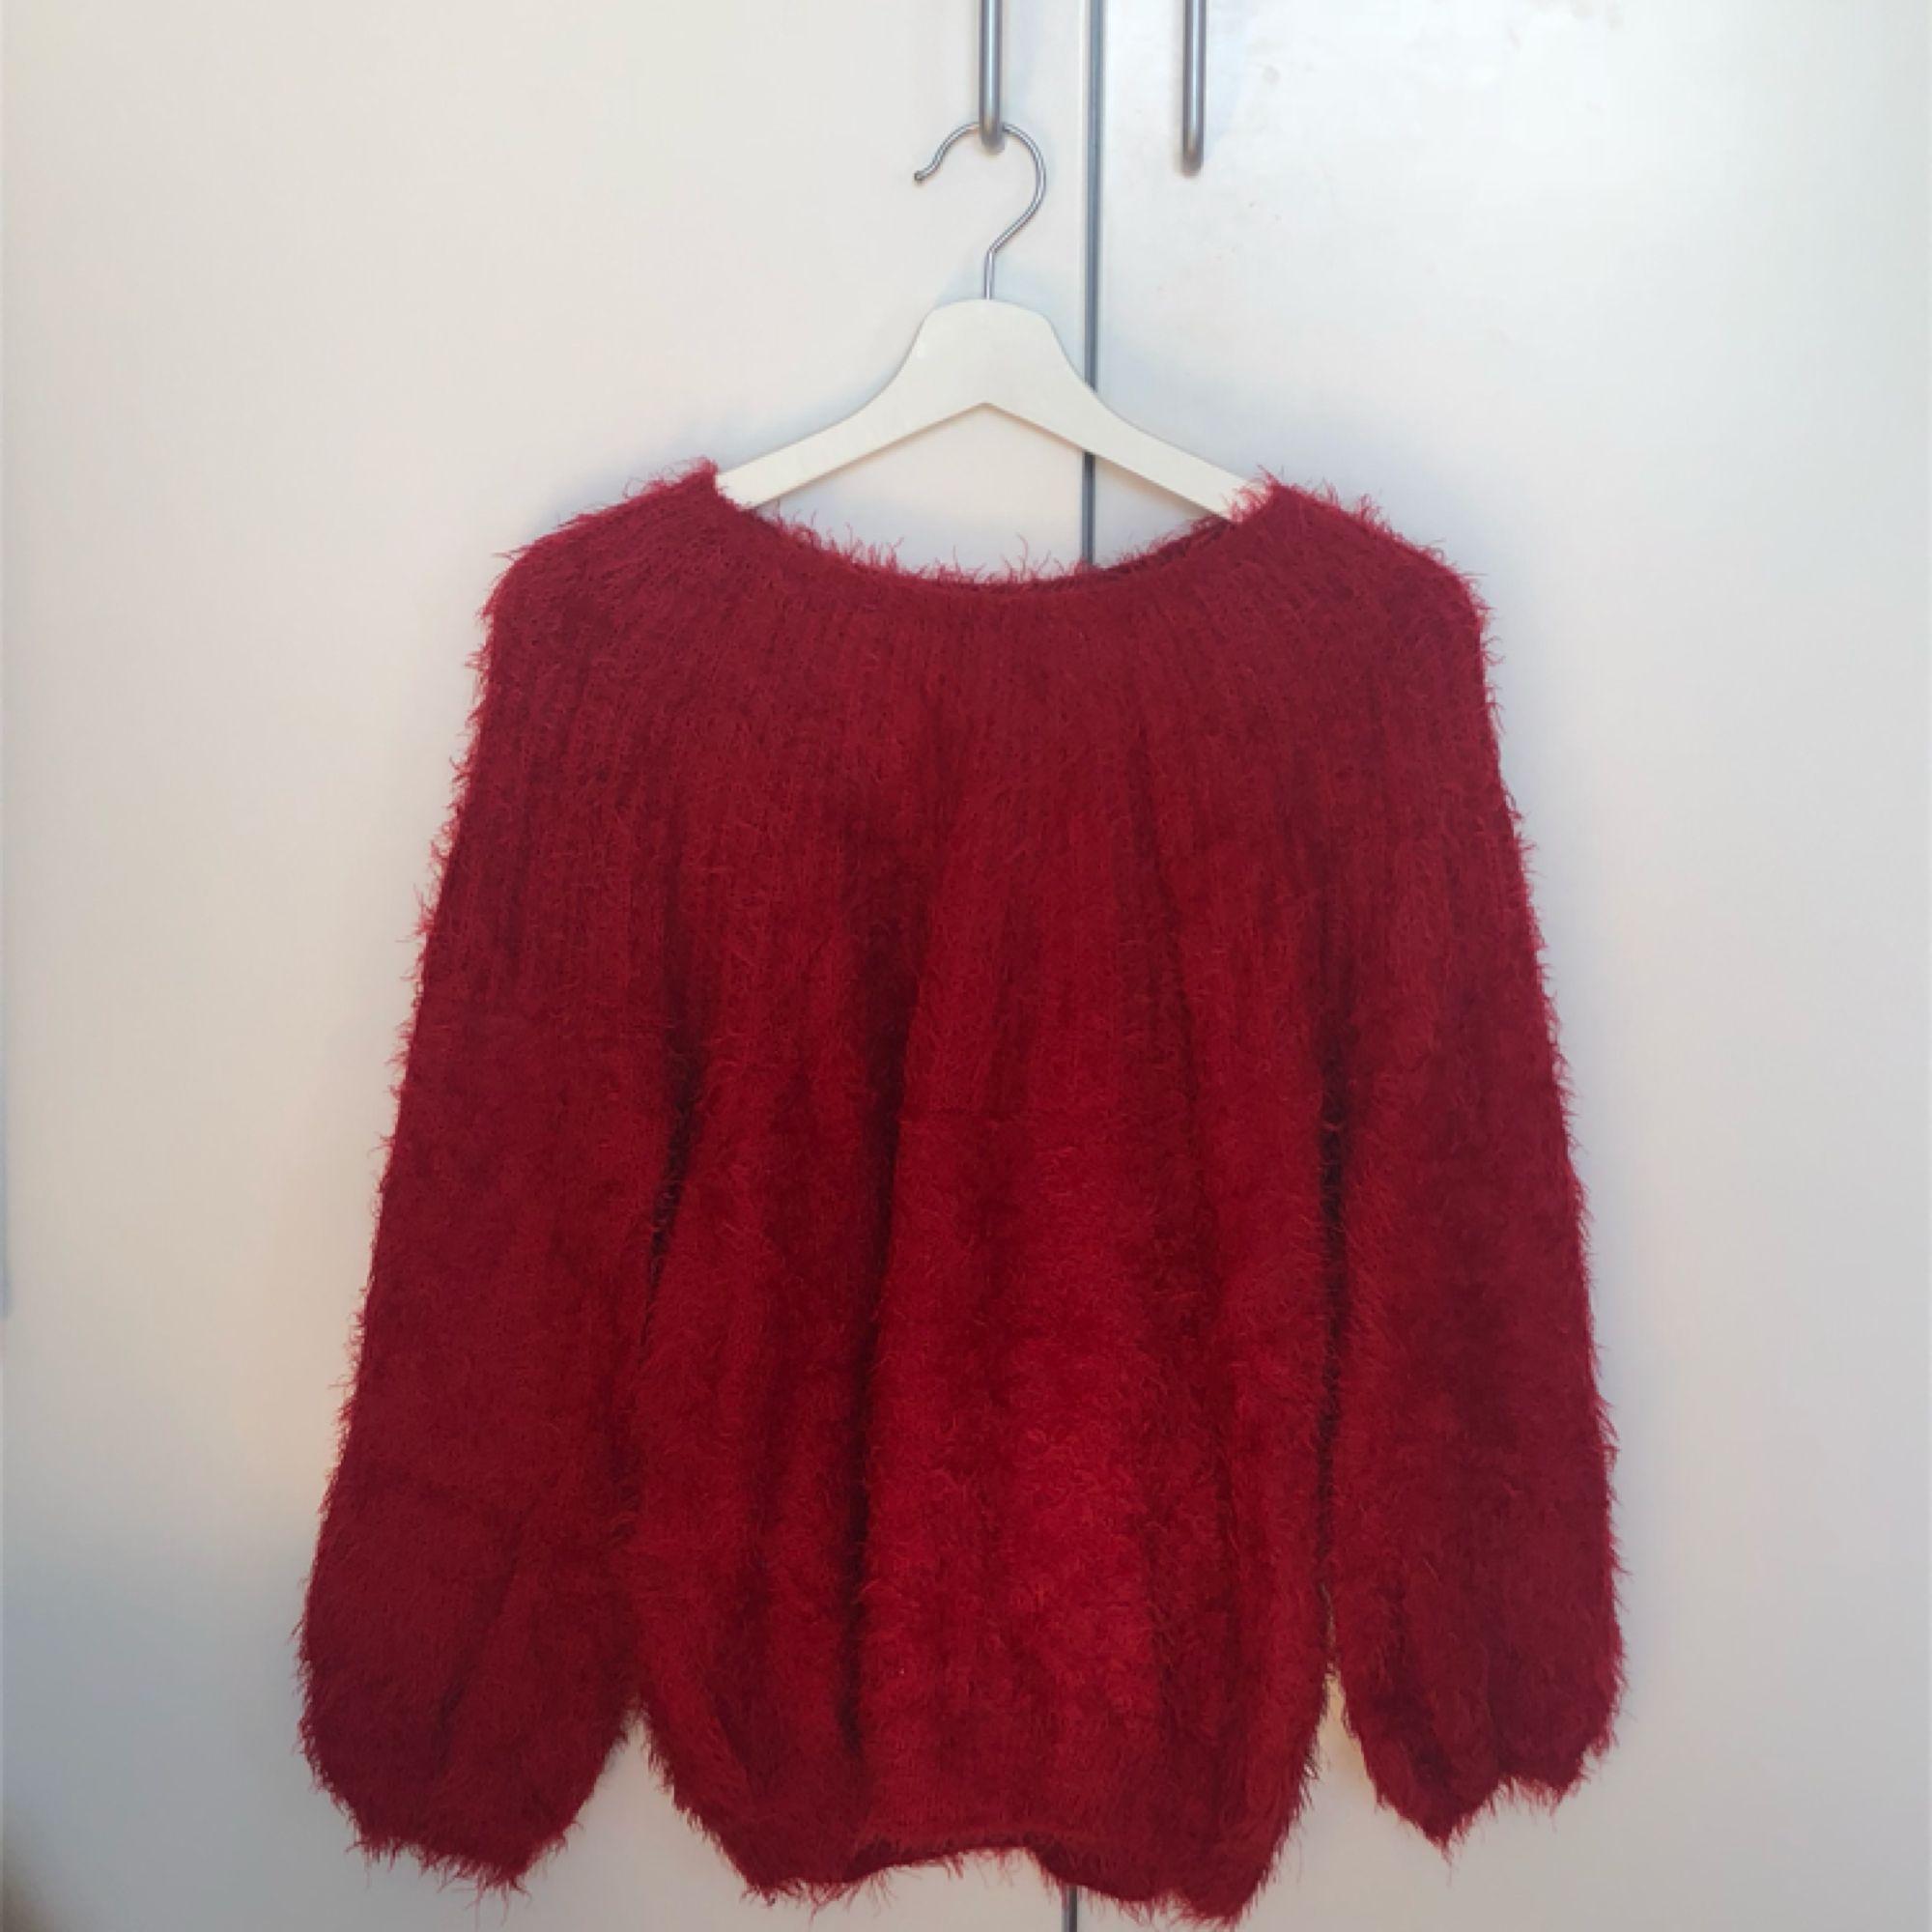 tröja från zara. endast använd någon enstaka gång. köpt i vintras. Huvtröjor & Träningströjor.